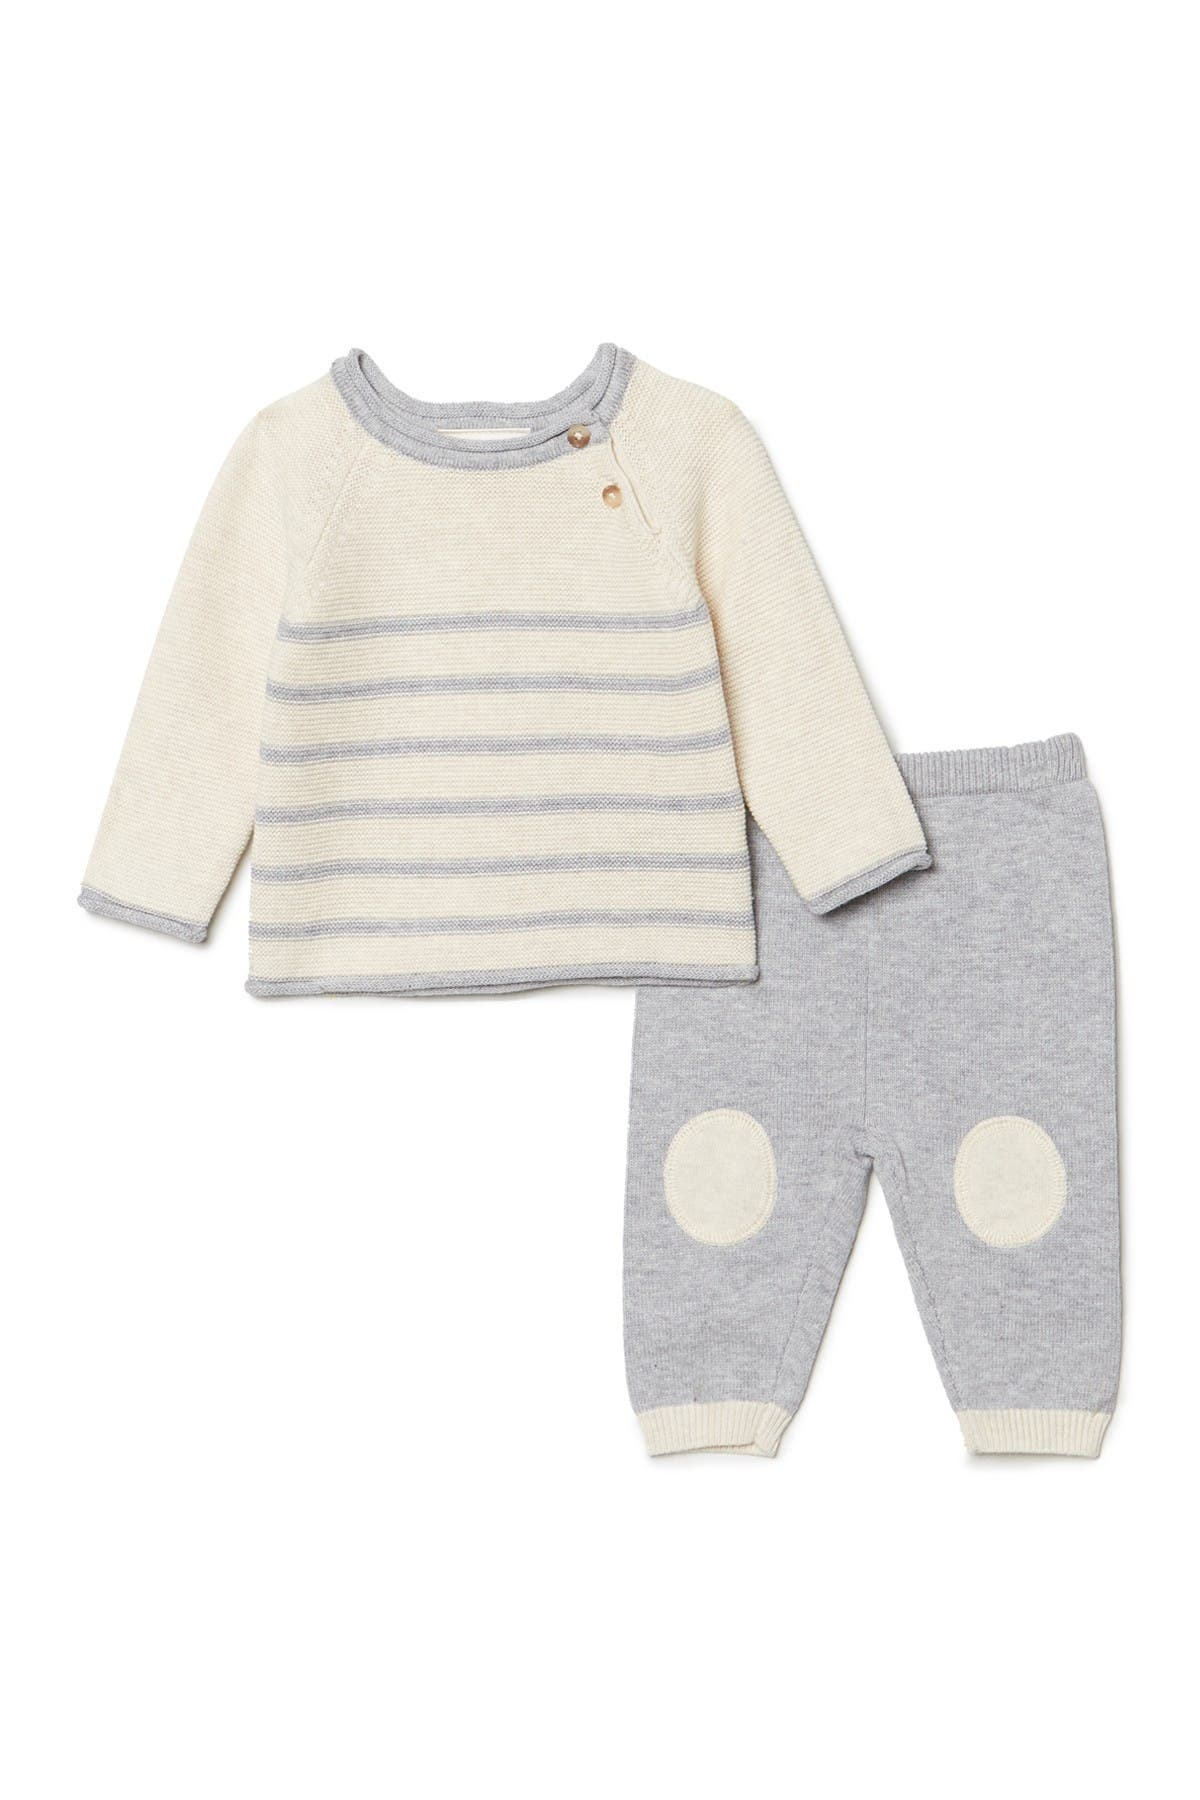 Image of Miniclasix Knit Sweater & Pants - 2-Piece Set